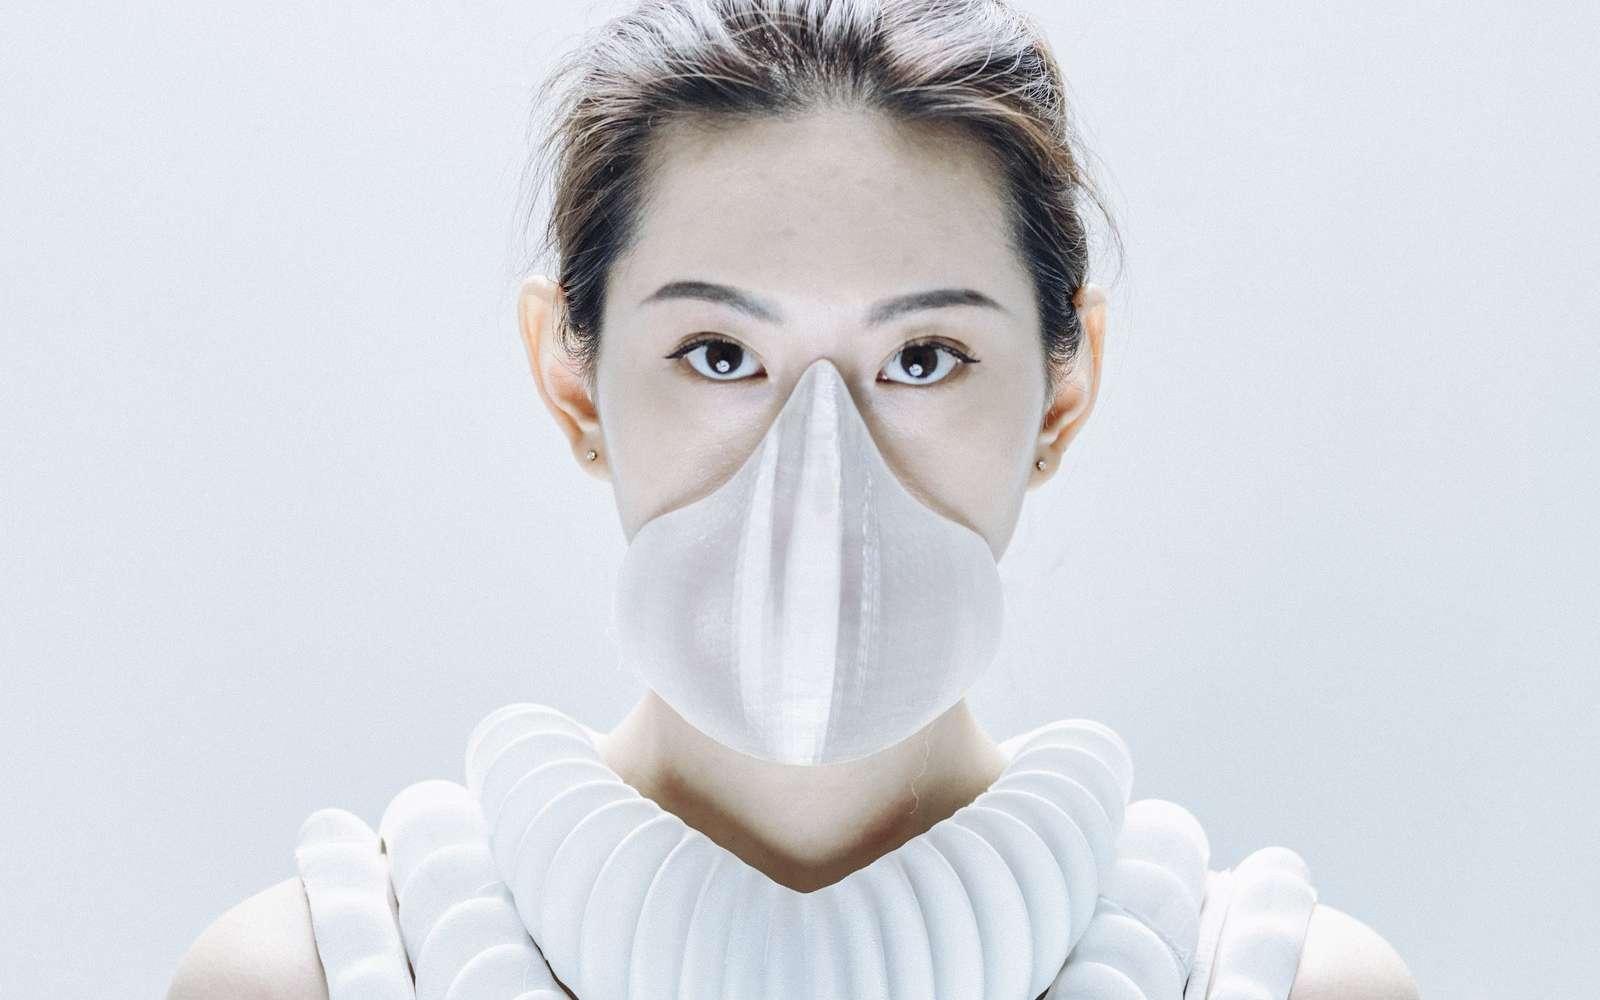 Le masque Amphibio pourrait nous transformer en poisson ! © Mikito Tateisi/Model